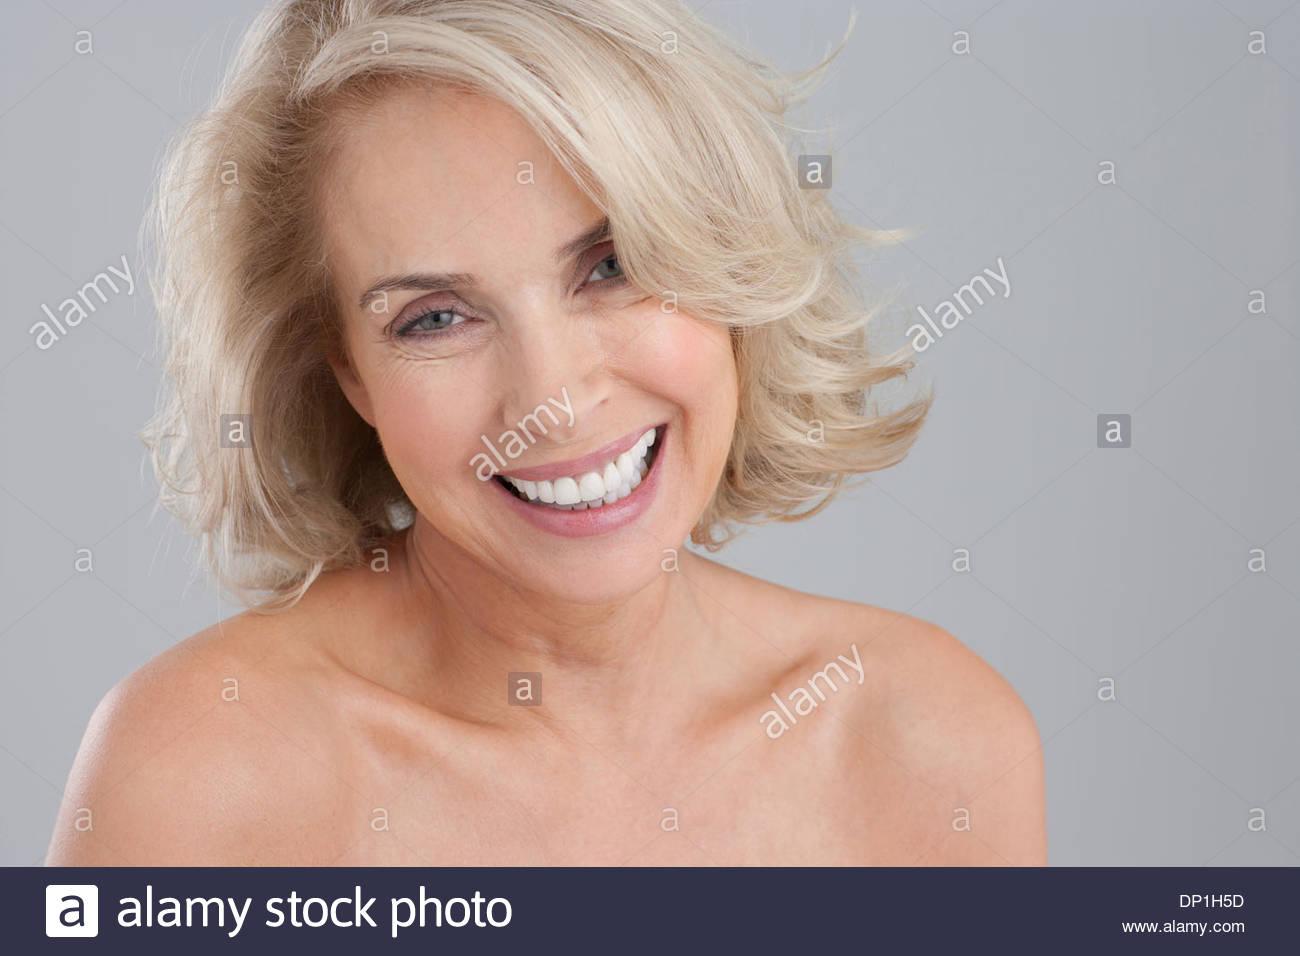 Frauen suchen männer colfax iowa